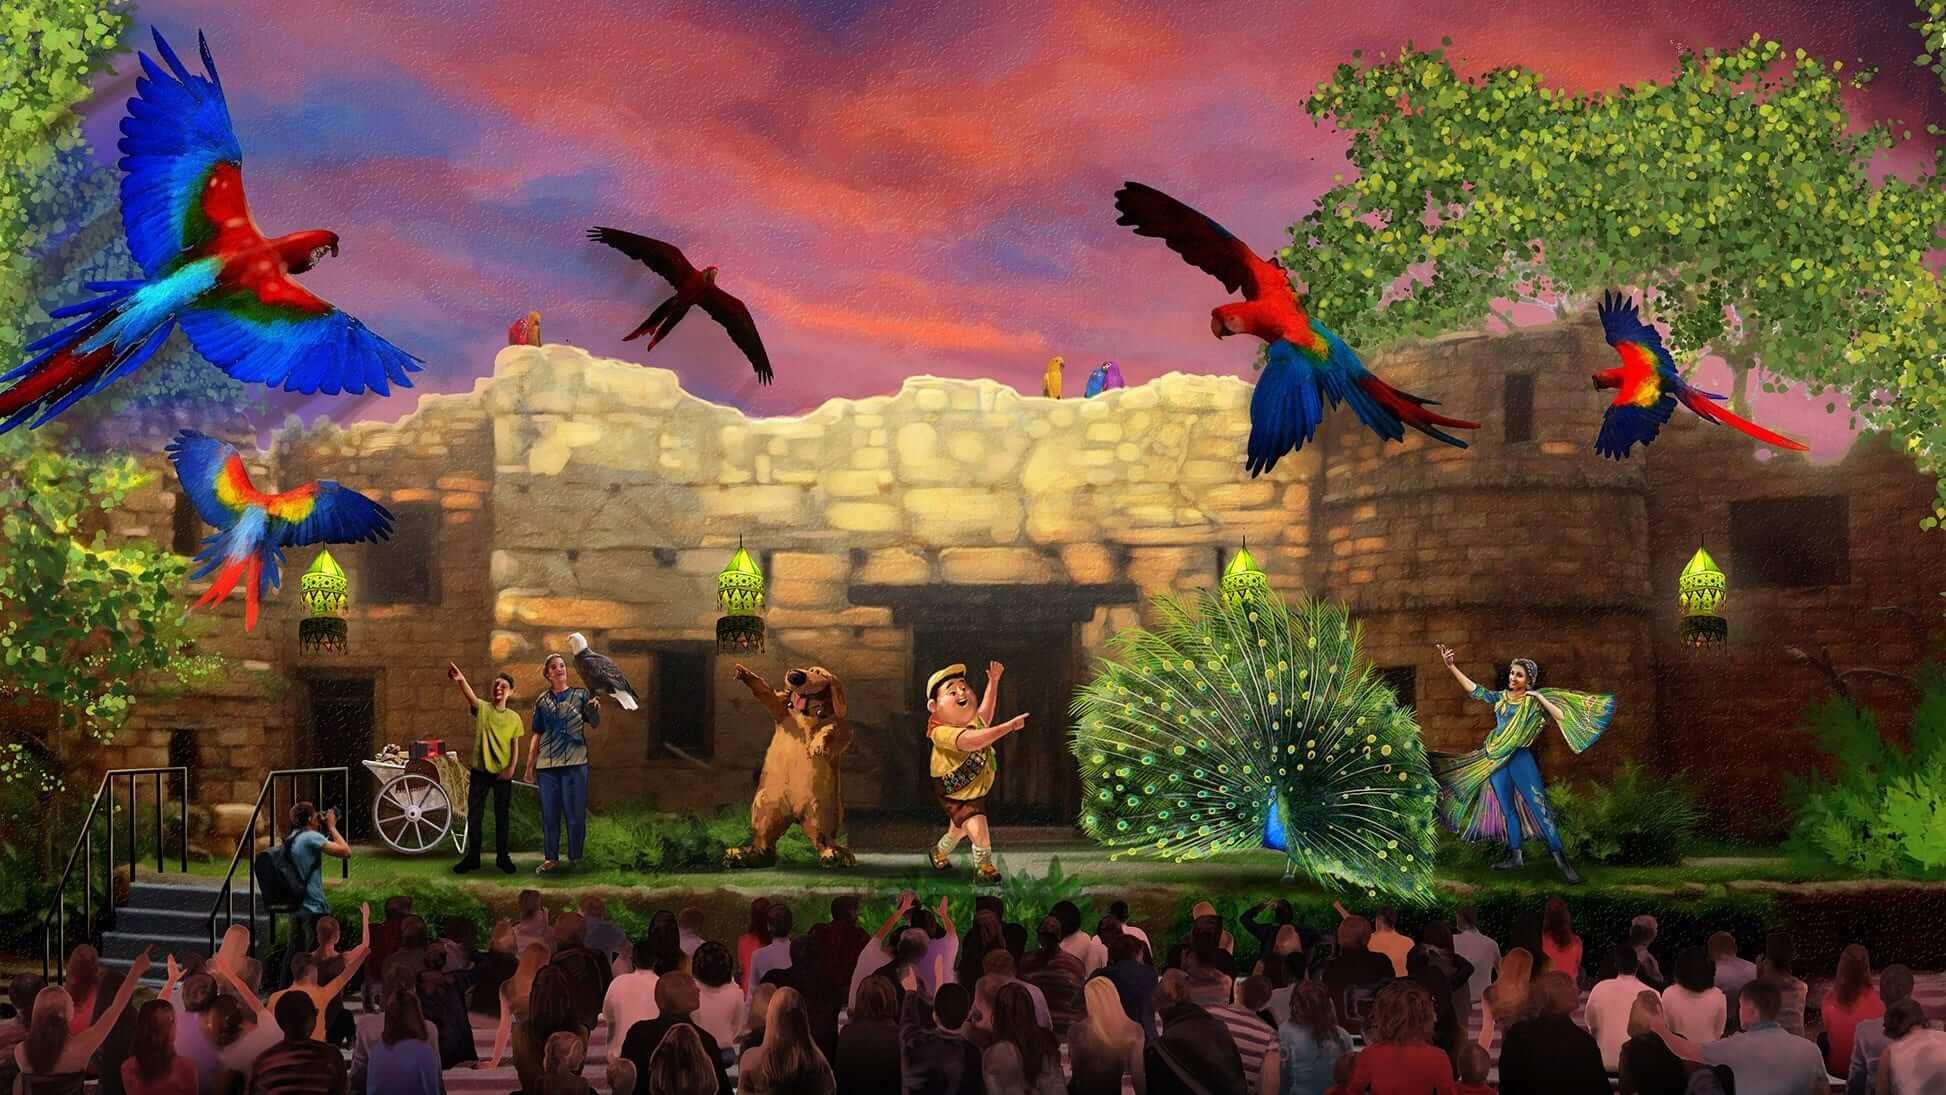 Novo show de Up! no Disney Animal Kingdom: UP! A Great Bird Adventure